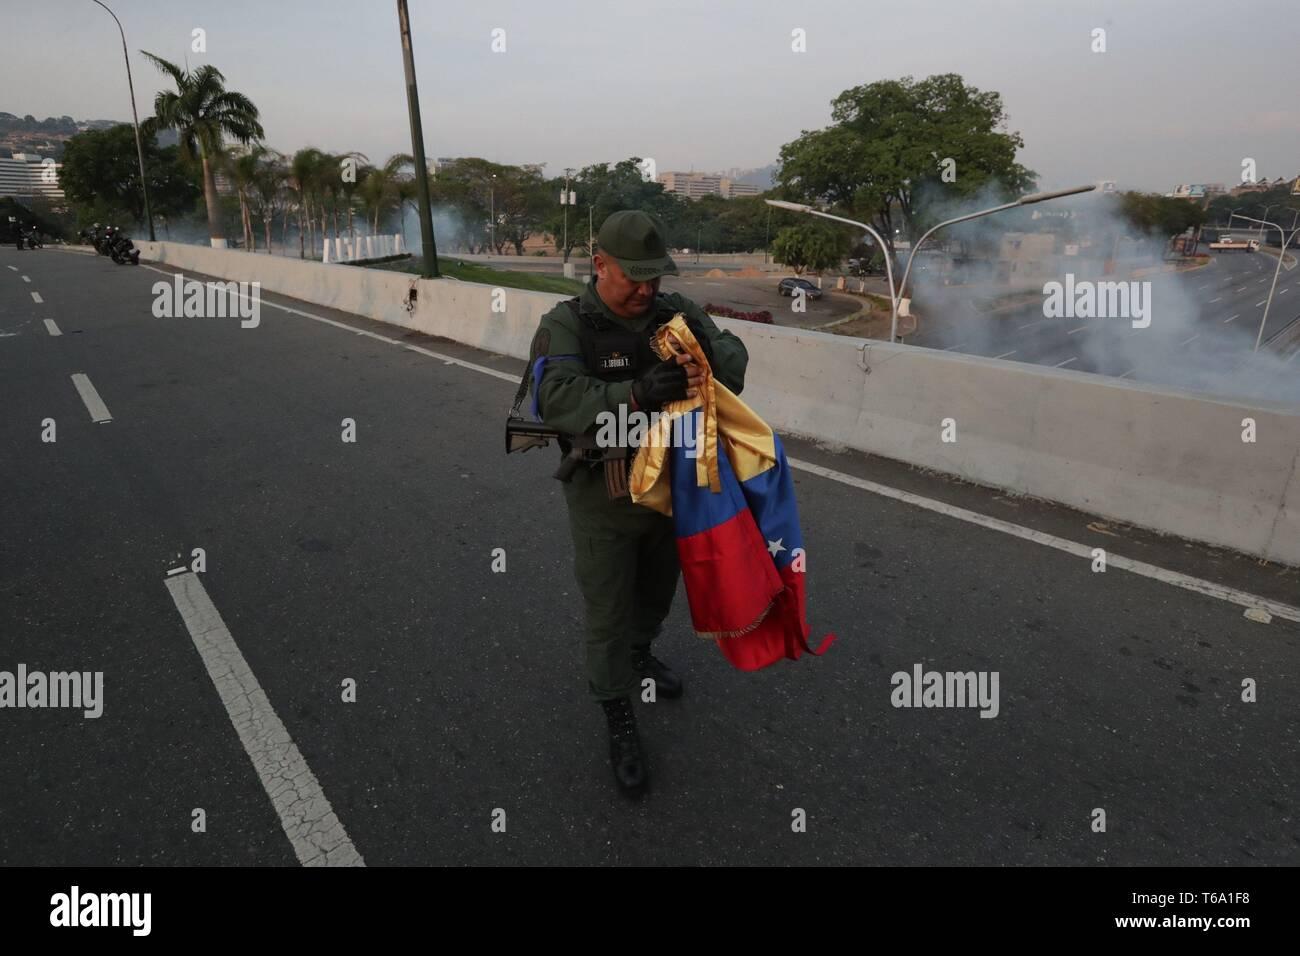 Caracas, Venezuela. 30 apr, 2019. Un soldato venezuelano detiene un venezuelano bandiera nazionale a La Carlota base, dove oppositore venezuelano Leopoldo Lopez (invisibile) è stato portato a soddisfare con il presidente ad interim Juan Guaido dopo egli essendo rilasciato dalla sua casa, nell'Est di Caracas, Venezuela, 30 aprile 2019. Lopez, che era agli arresti domiciliari, è stata rilasciata la mattina presto il 30 aprile da un movimento di opposizione. Credito: Rayneri Pena/EFE/Alamy Live News Immagini Stock